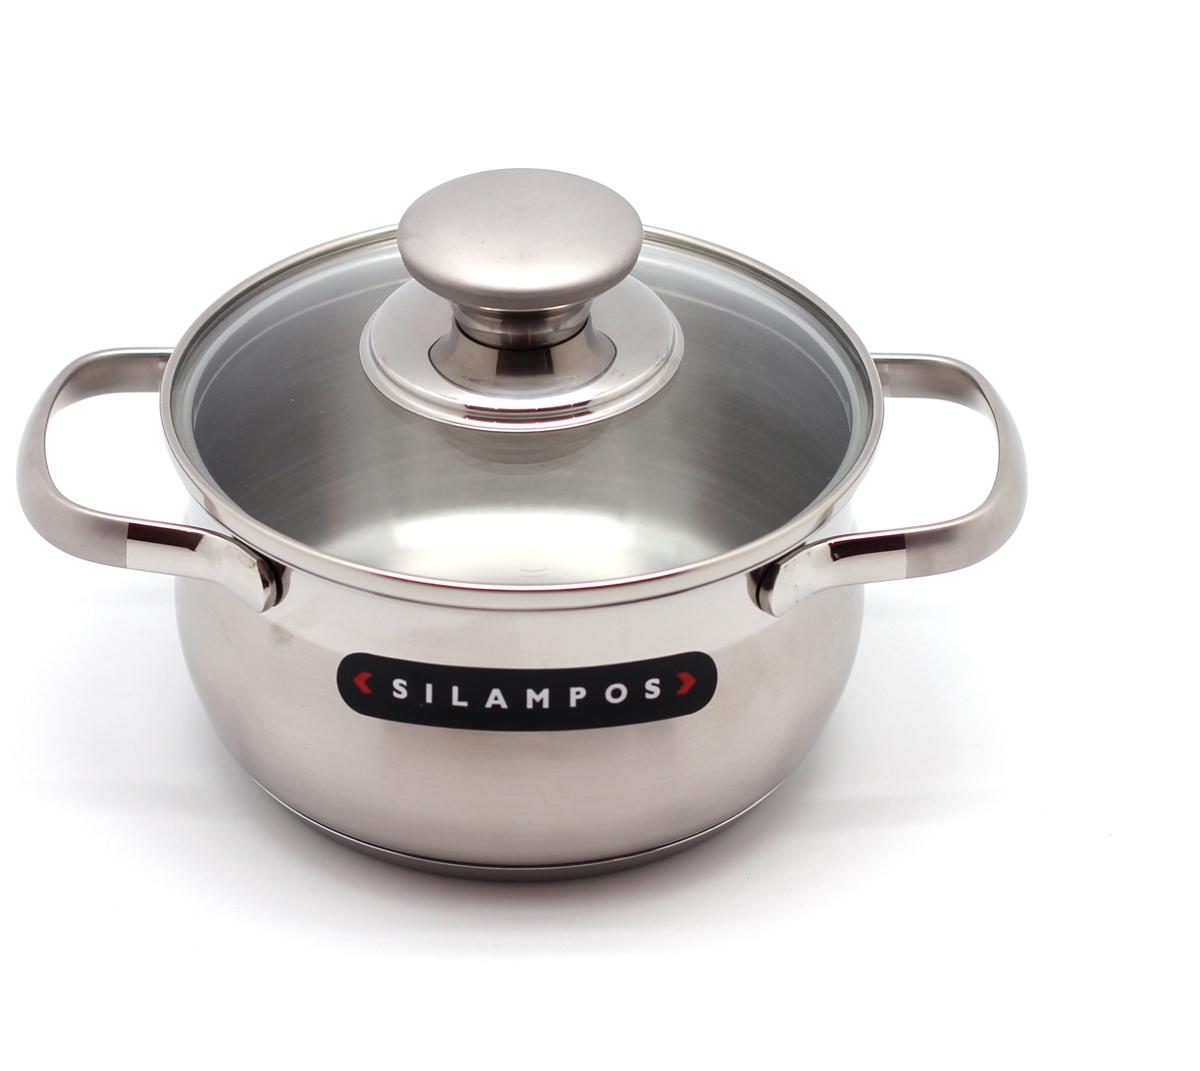 Кастрюля Silampos Роял Сатин, цвет: металл, диаметр 18 см, 2,2 л. 633123V61018 мельница для кофе silampos stellar с ложкой